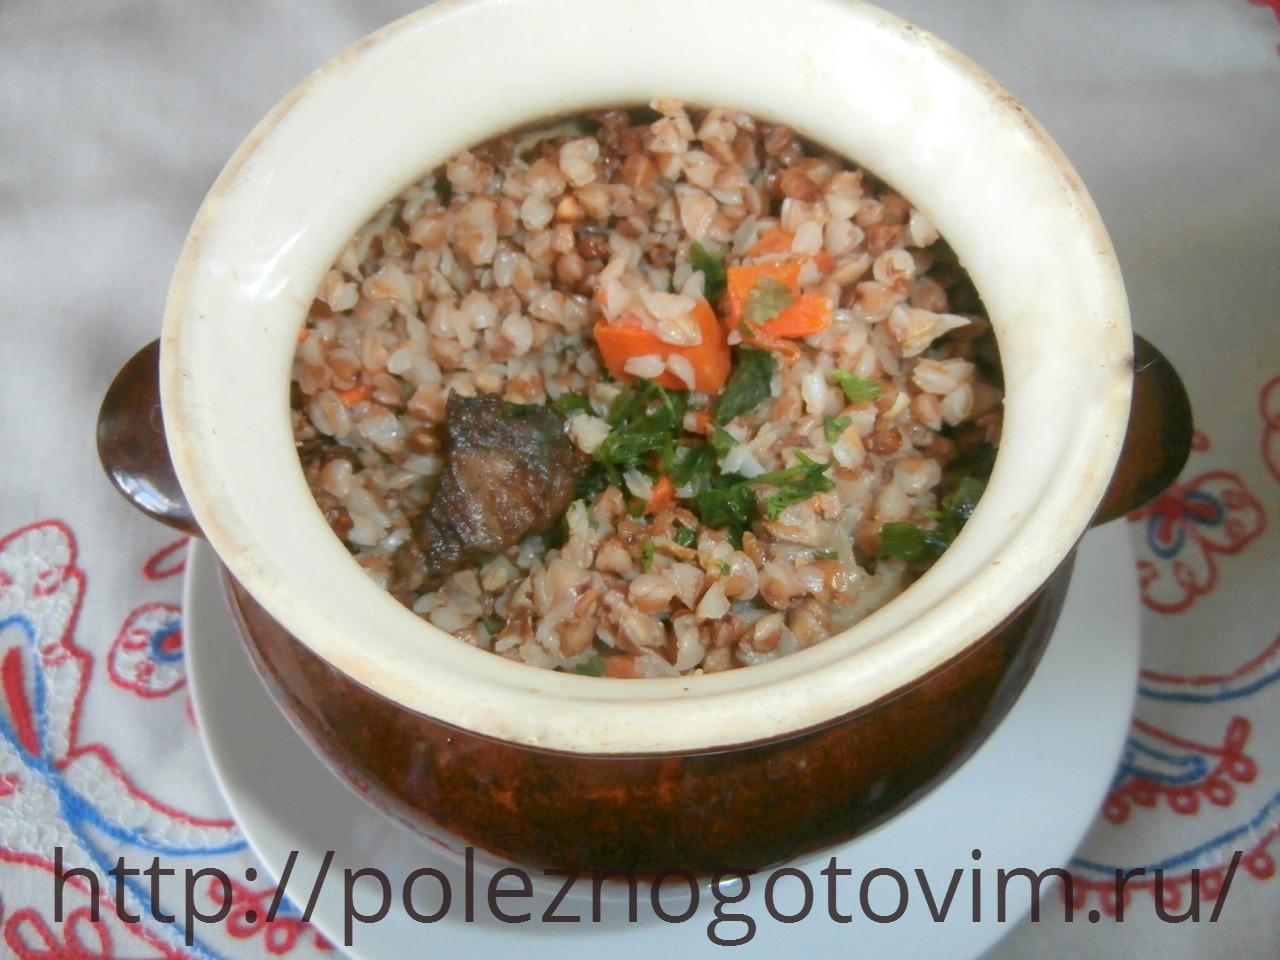 как приготовить гречку с мясом в горшочке в духовке